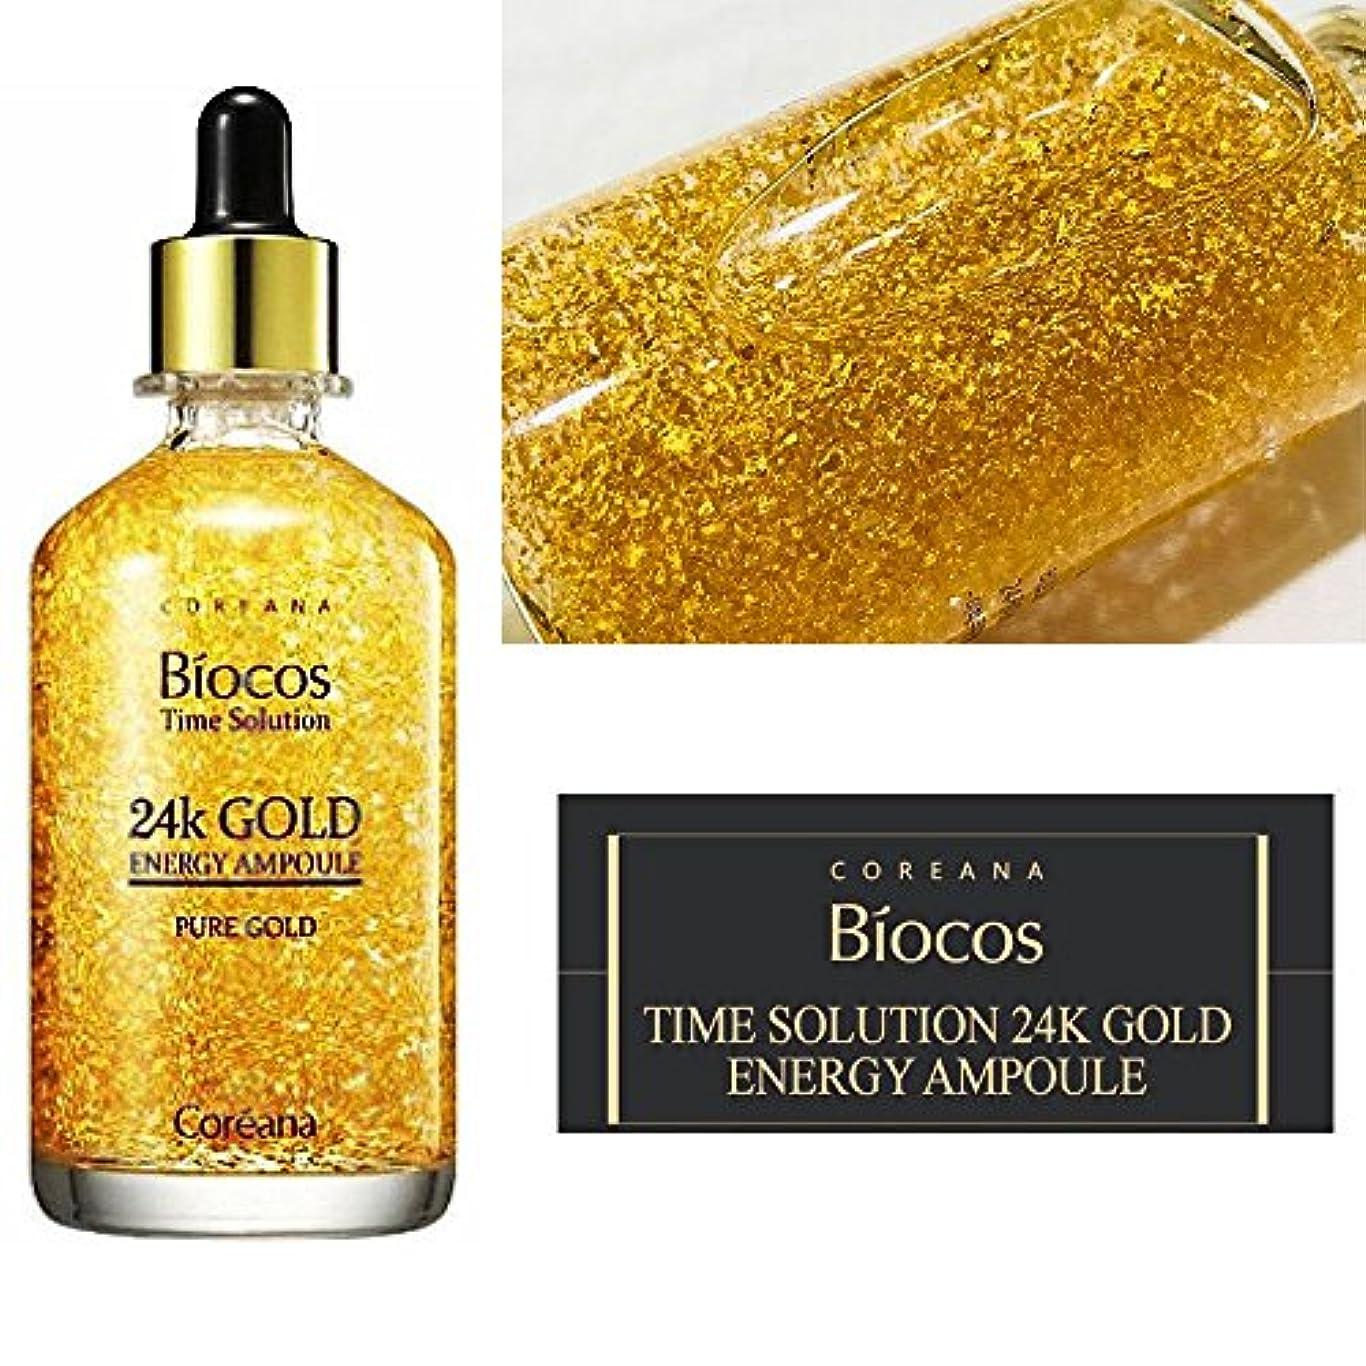 畝間悲観主義者オークランド[COREANA] Biocos Time Solution 24kゴールドエナジーアンプル100ml/[COREANA] Biocos Time Solution 24K Gold Energy Ampoule - 100ml